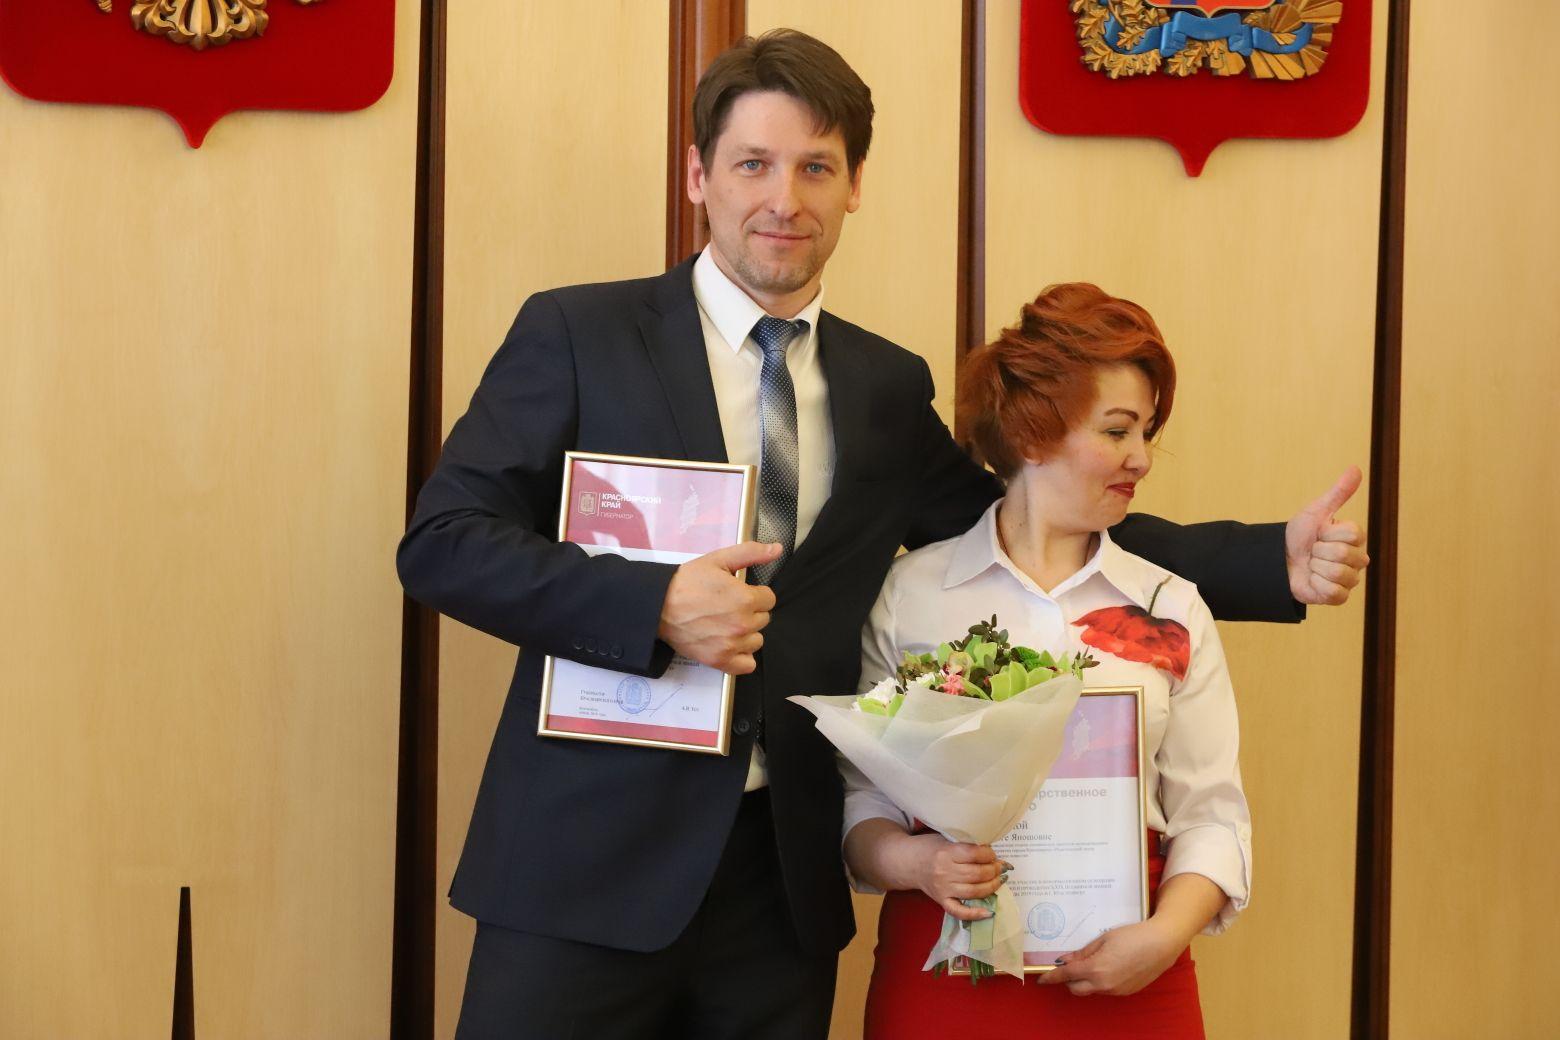 Губернатор Красноярского края наградил журналистов за работу на Универсиаде-2019